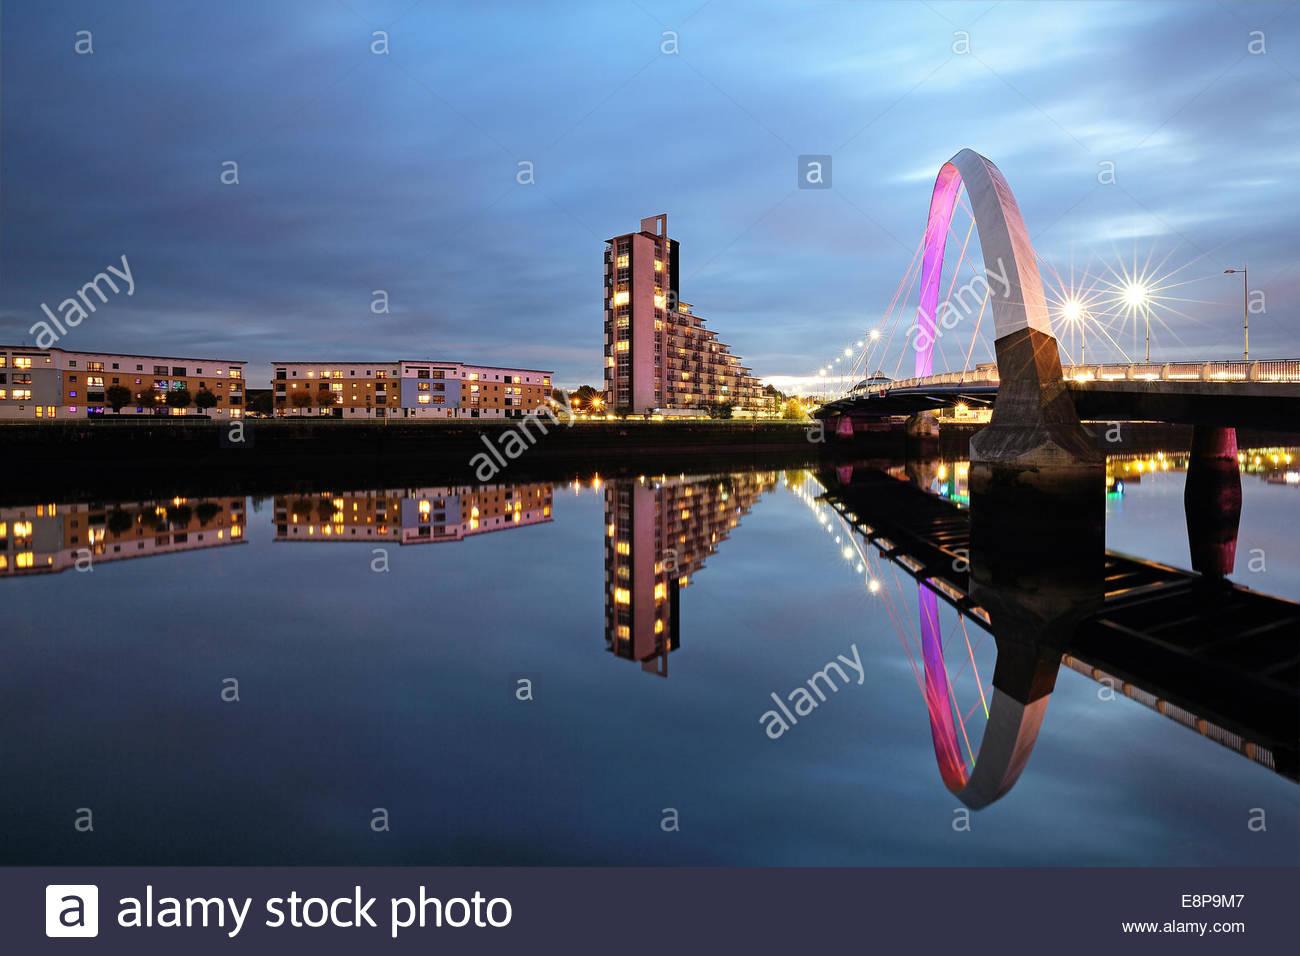 Le Glasgow Clyde Arc réfléchissant sur la rivière Clyde, après le coucher du soleil. Banque D'Images